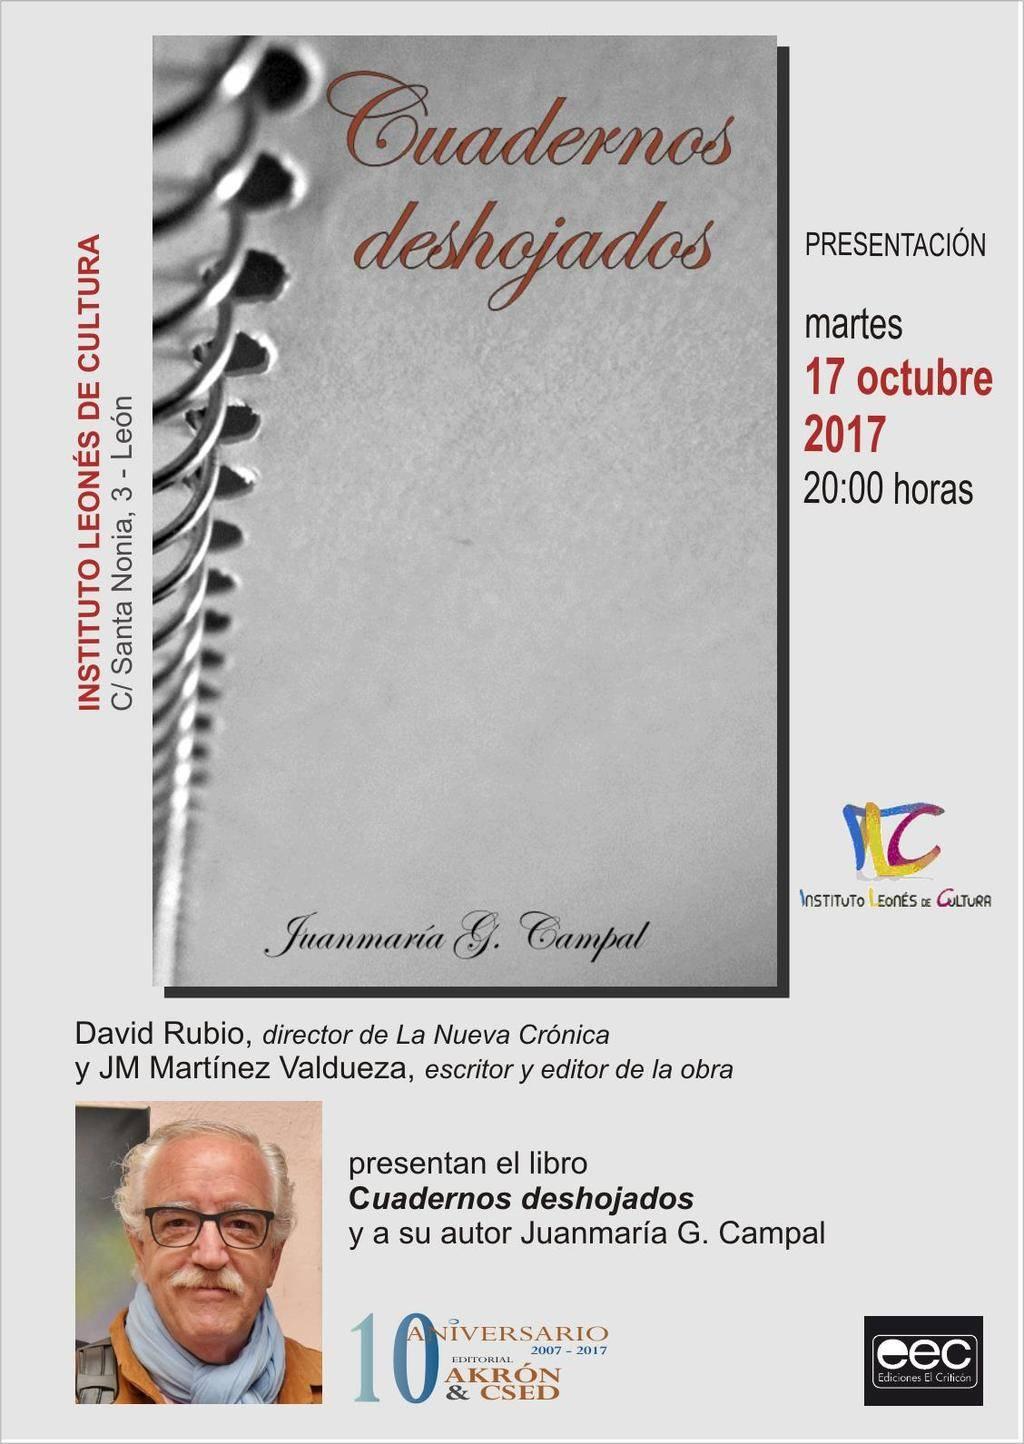 Cuadernos deshojados, de Juanmaría G. Campal